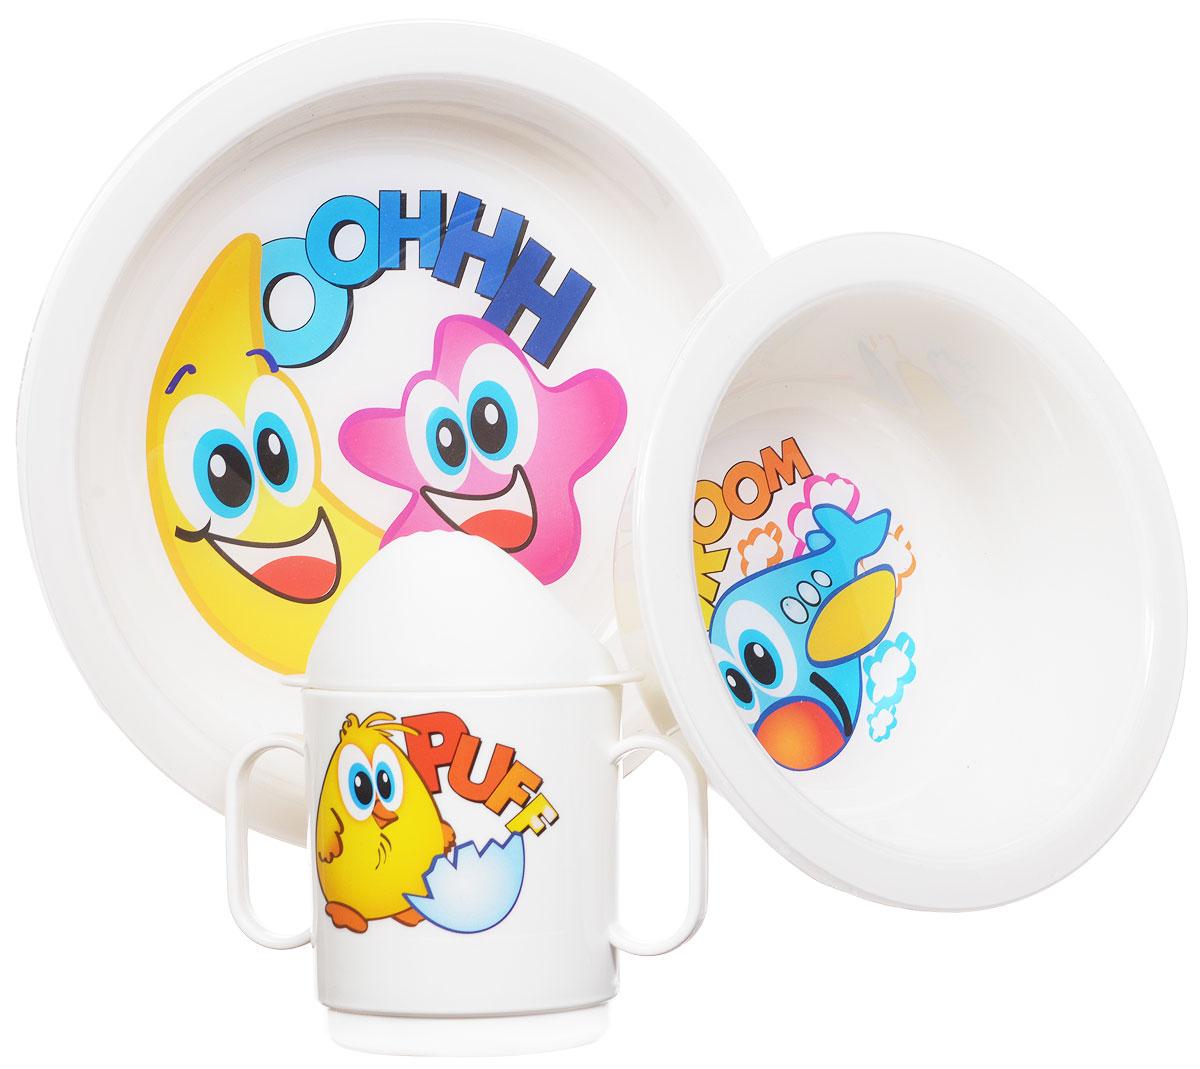 Cosmoplast Набор детской посуды Baby Tris Set 3 предмета2548_белыйДетский сервиз Baby Tris Set состоит из суповой тарелки, обеденной тарелки и чашки-поильника с двумя ручками.Яркие пластиковые тарелочки, оформленные красочными изображениями, прекрасно подойдут для кормления ребенка, или самостоятельного приема им пищи. Эргономичная форма позволит удобно держать тарелки во время кормления.Чашка-поильник со съемной крышечкой имеет две удобные ручки.Все предметы набора изготовлены из высококачественного пищевого пластика по специальной технологии, которая гарантирует простоту ухода, прочность и безопасность изделий для детей. Предметы сервиза оформлены красочными рисунками, которые обязательно понравятся вашему малышу. Элементы набора не содержат бисфенол-А. Уважаемые клиенты!Обращаем ваше внимание на возможные варьирования в дизайне товара. Поставка возможна в зависимости от наличия на складе.